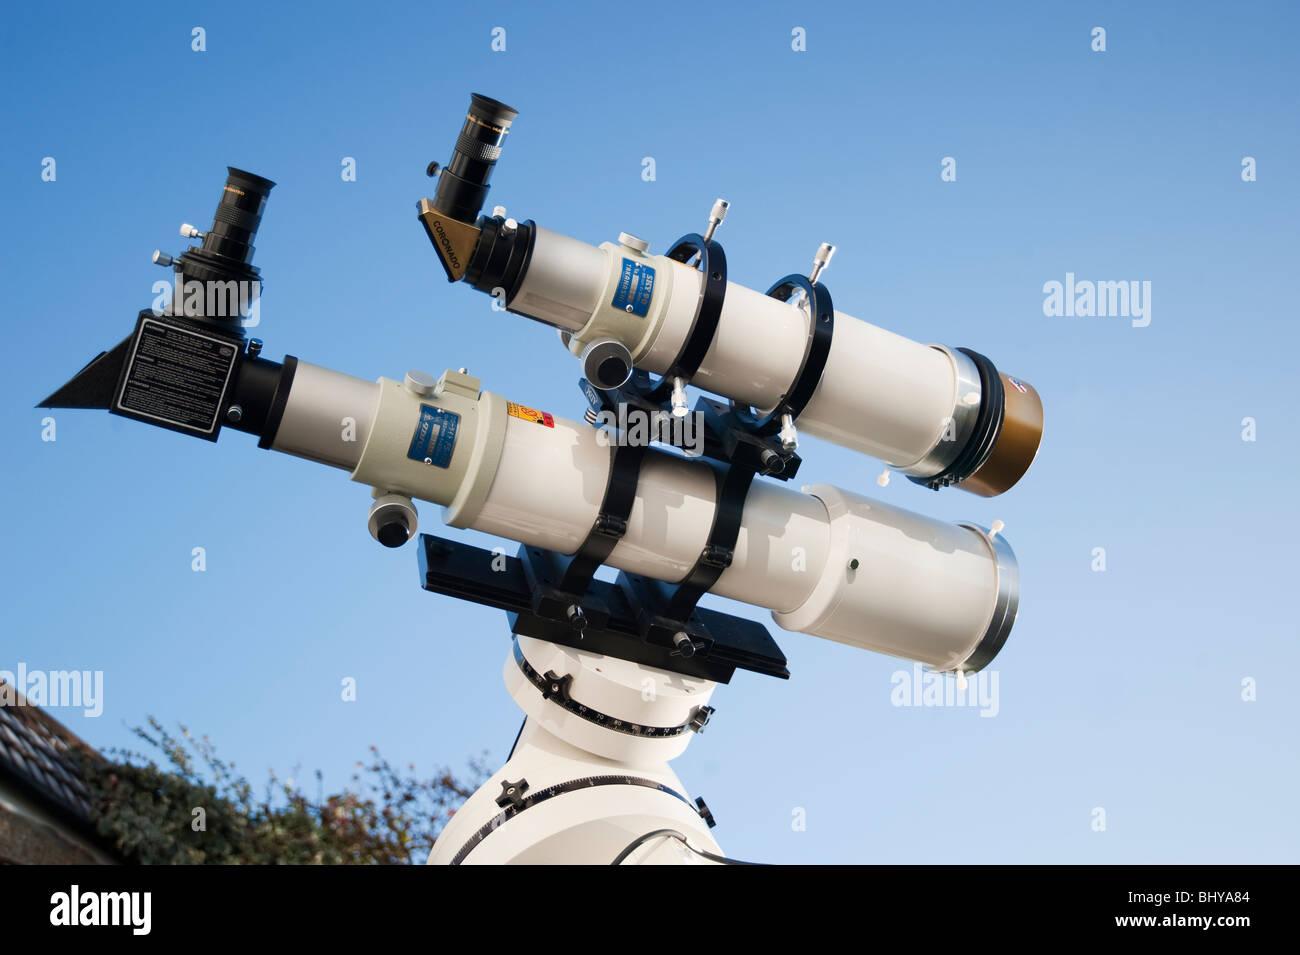 Astronomische refracting teleskope mit sonnenfilter an der sonne